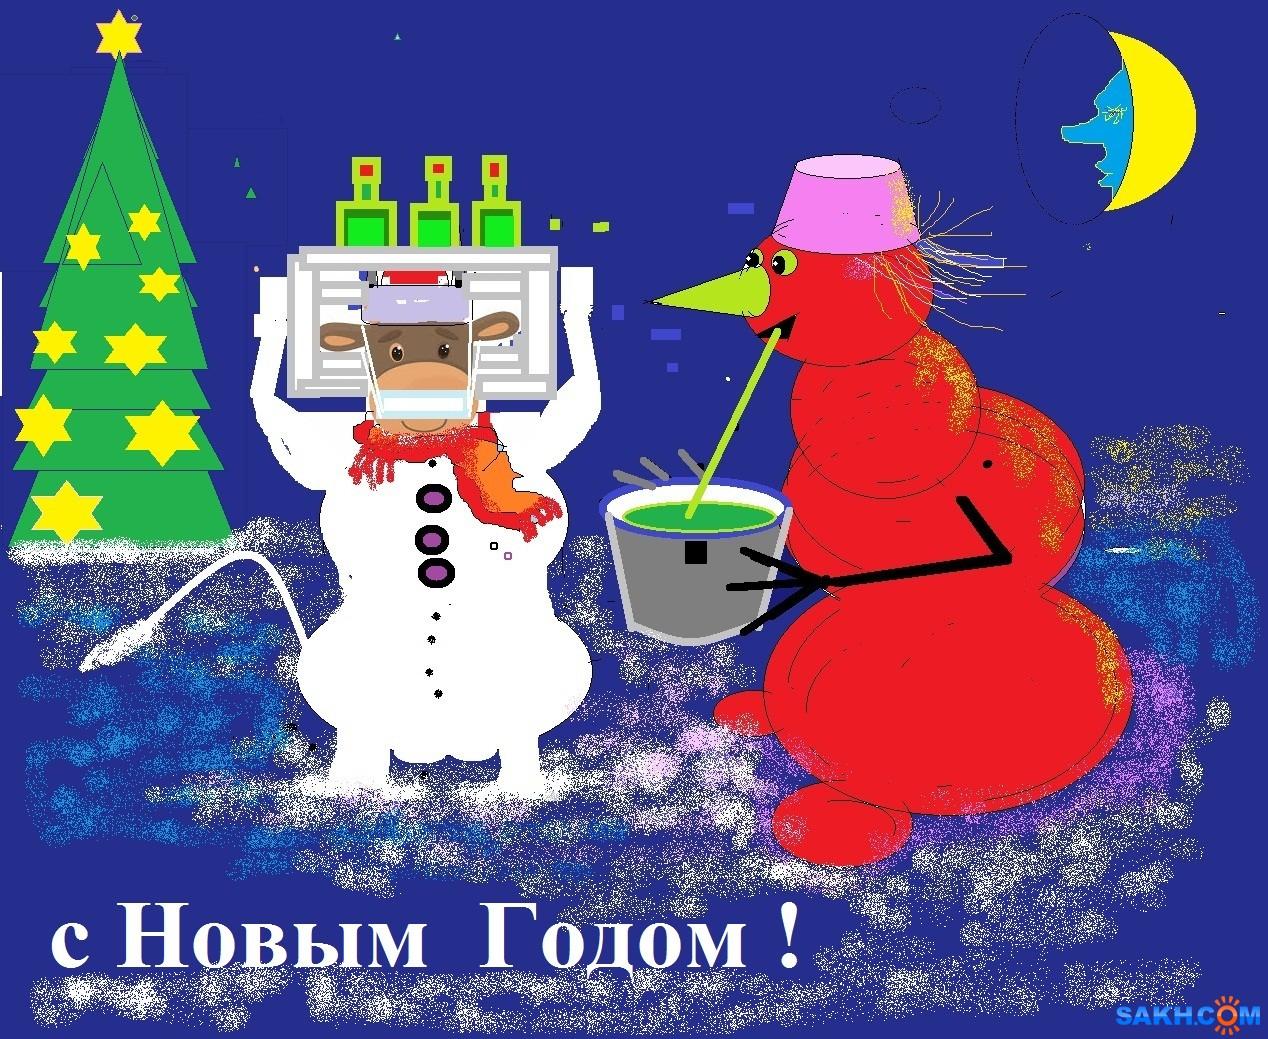 MRAK: всем по хвойному напитку и с Новым Годом!